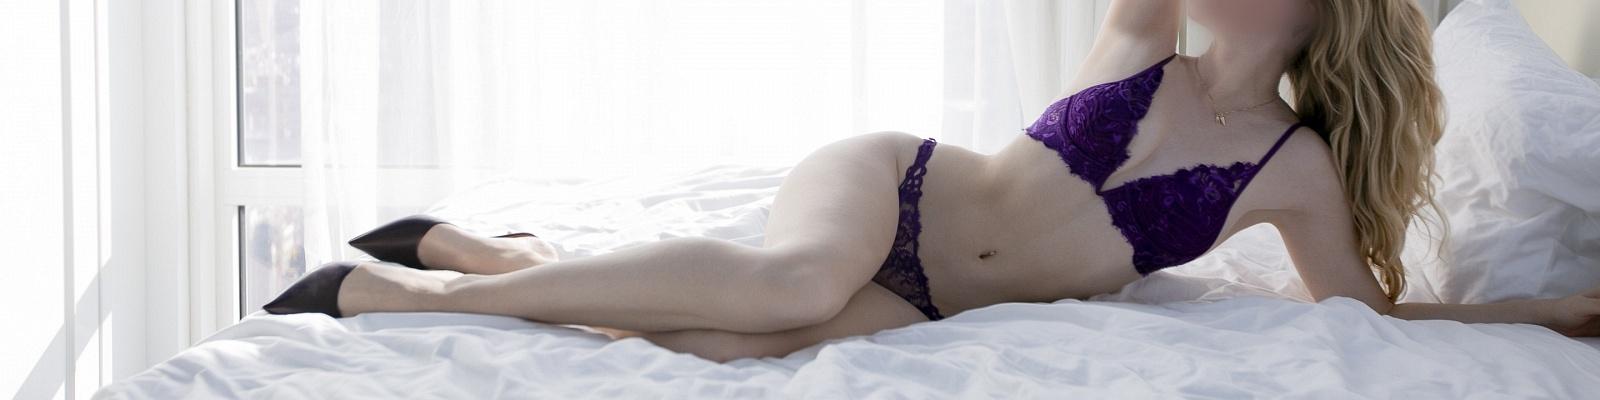 Ashley Celeste Escort